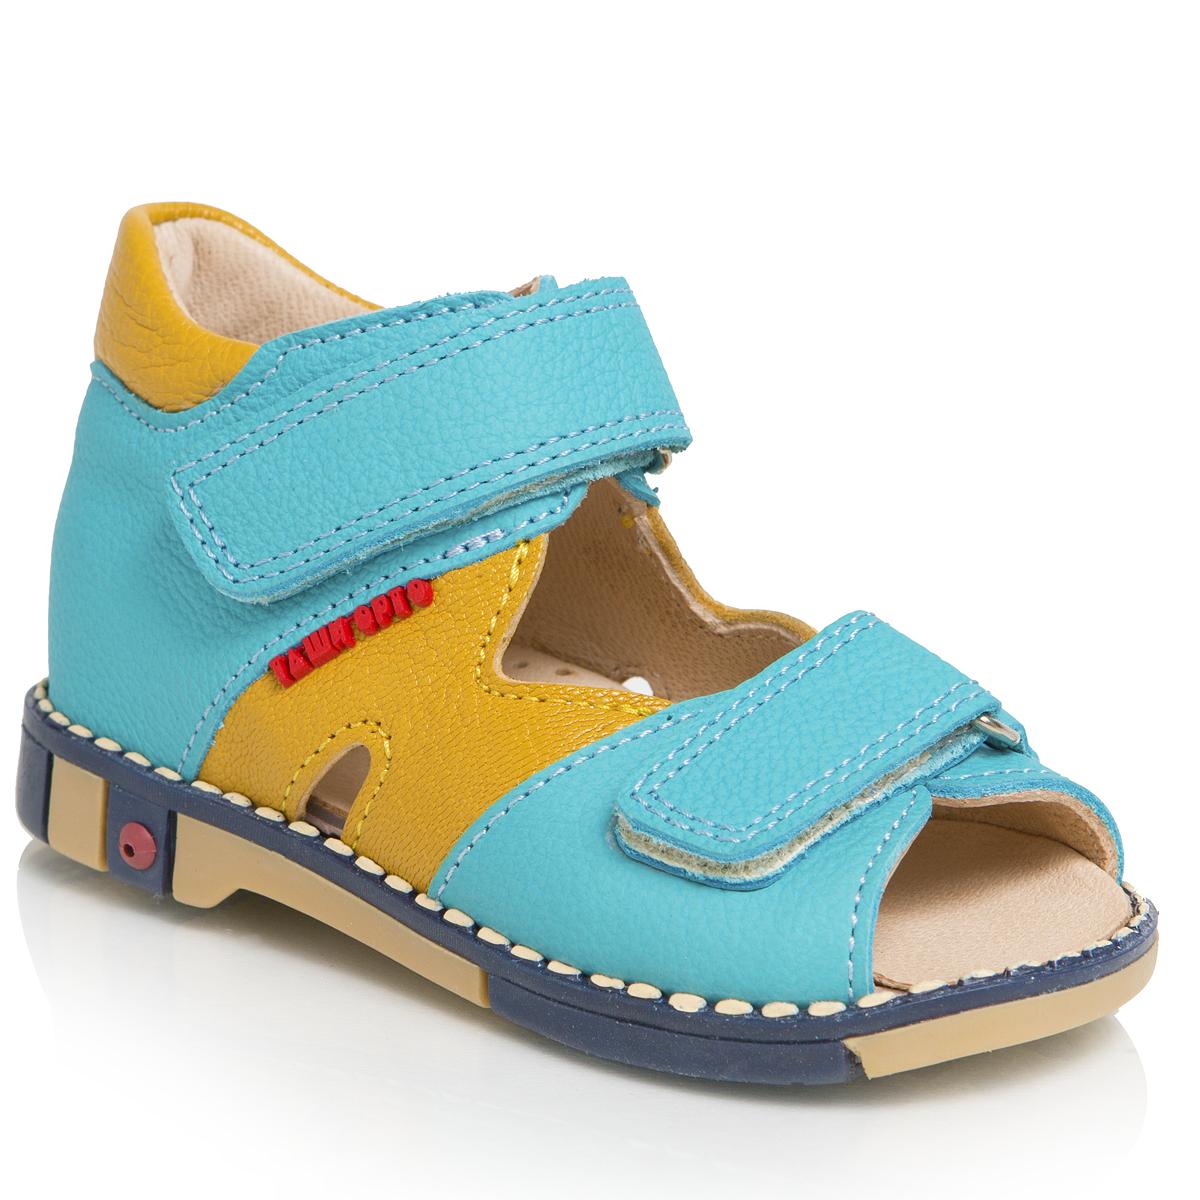 Сандалии для мальчиков. 260-15.260-15ТАШИ ОРТО - детская профилактическая ортопедическая обувь массового производства. Ее можно носить не только детям с признаками плоскостопия и косолапия , но и для профилактики подобных отклонений. А многим детям ортопедическая обувь НЕОБХОДИМА для коррекции стопы, исправления походки и осанки.